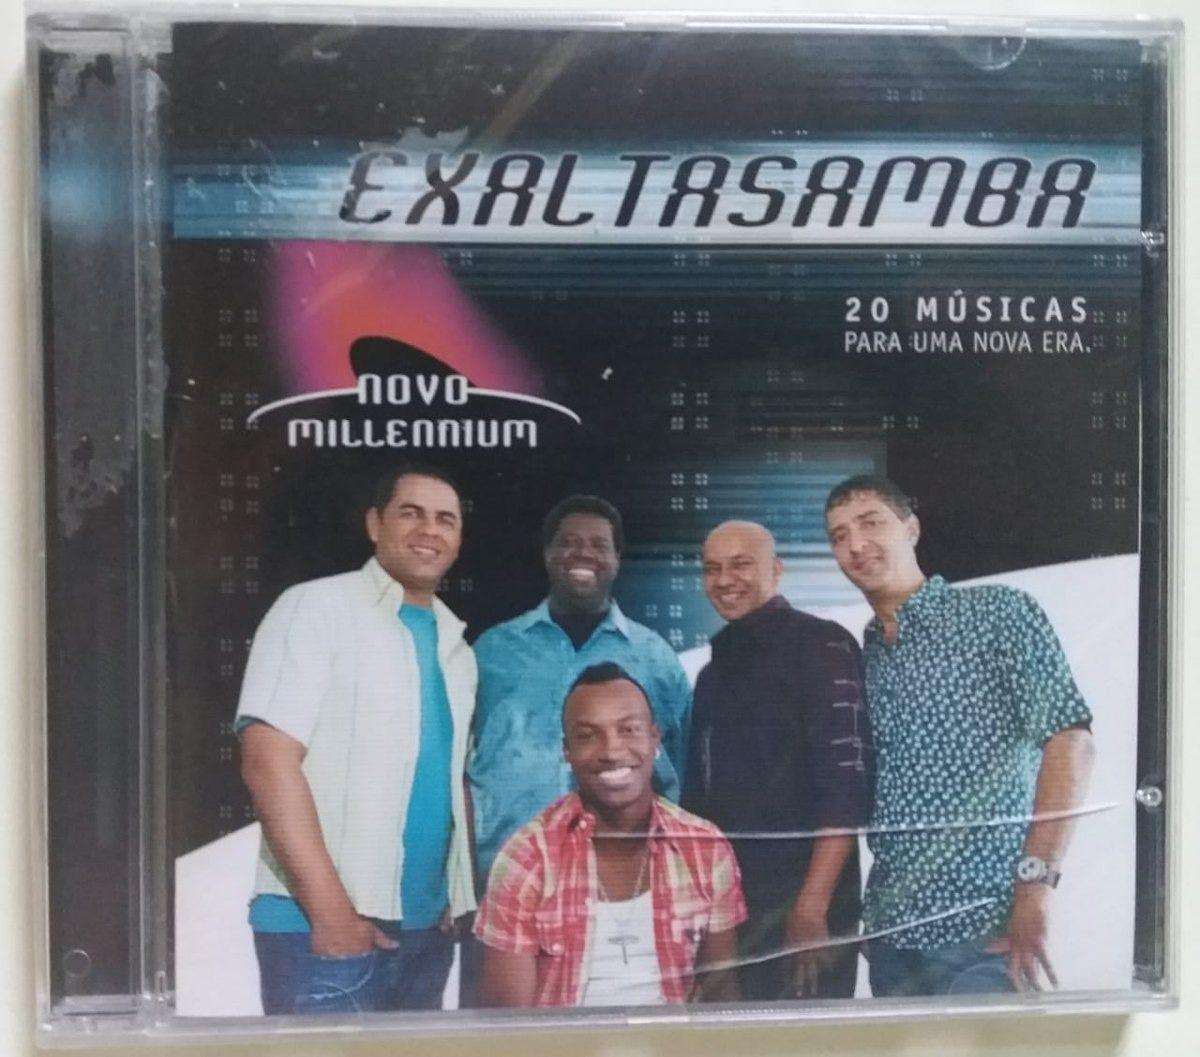 Exaltasamba  - Novo Millennium - CD